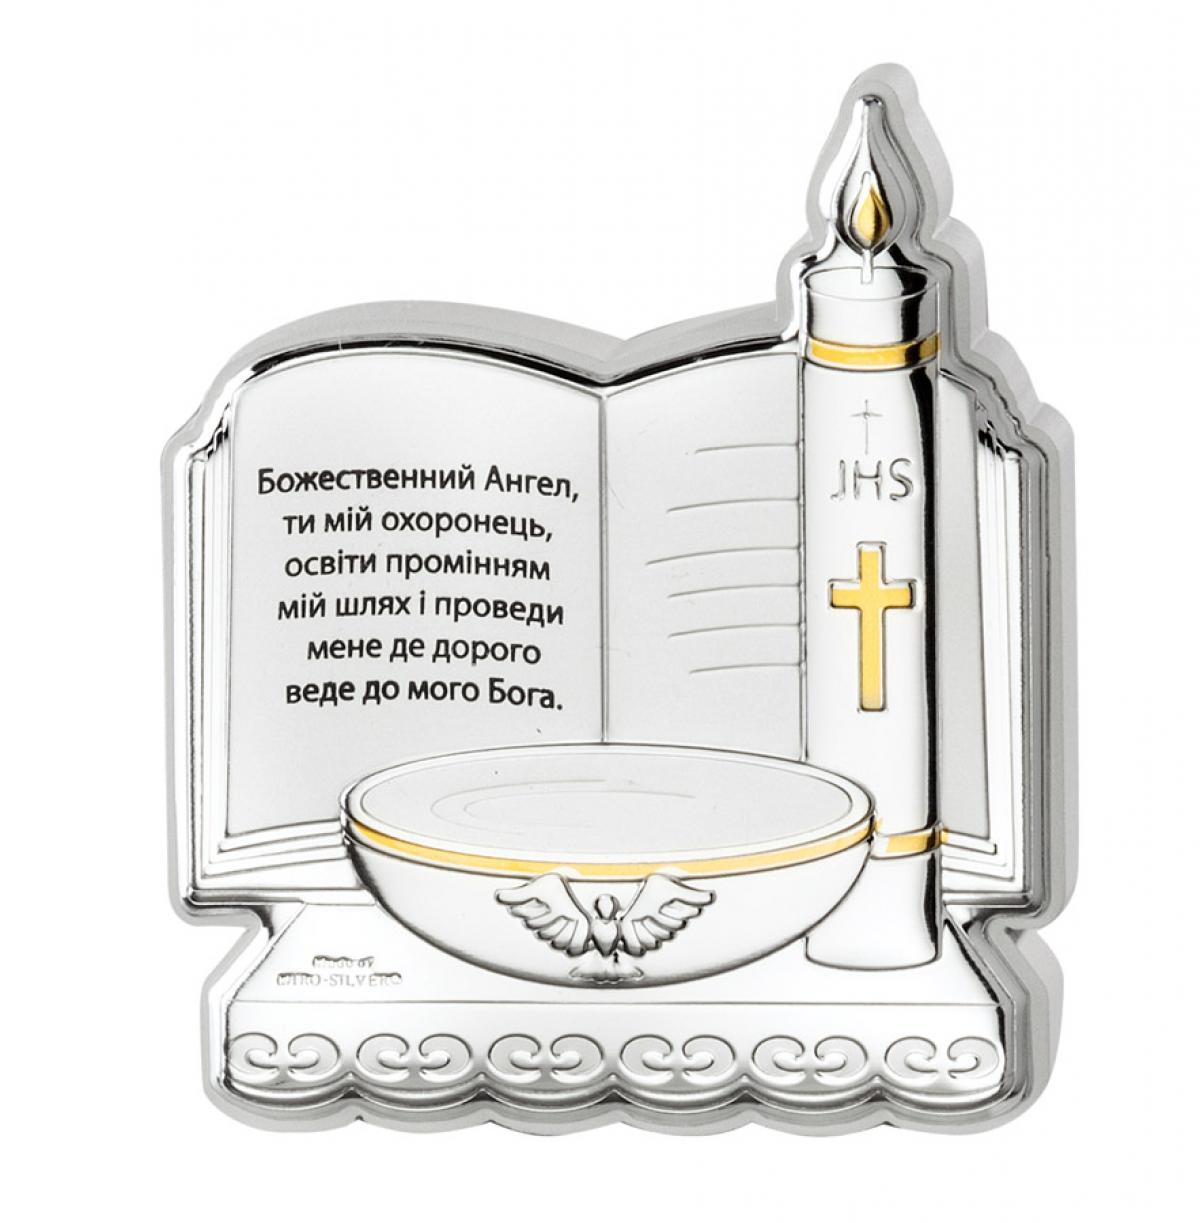 Пам`ятка про Хрещення (з молитвою) Denarius 10х11.5см UKR 81420 2L